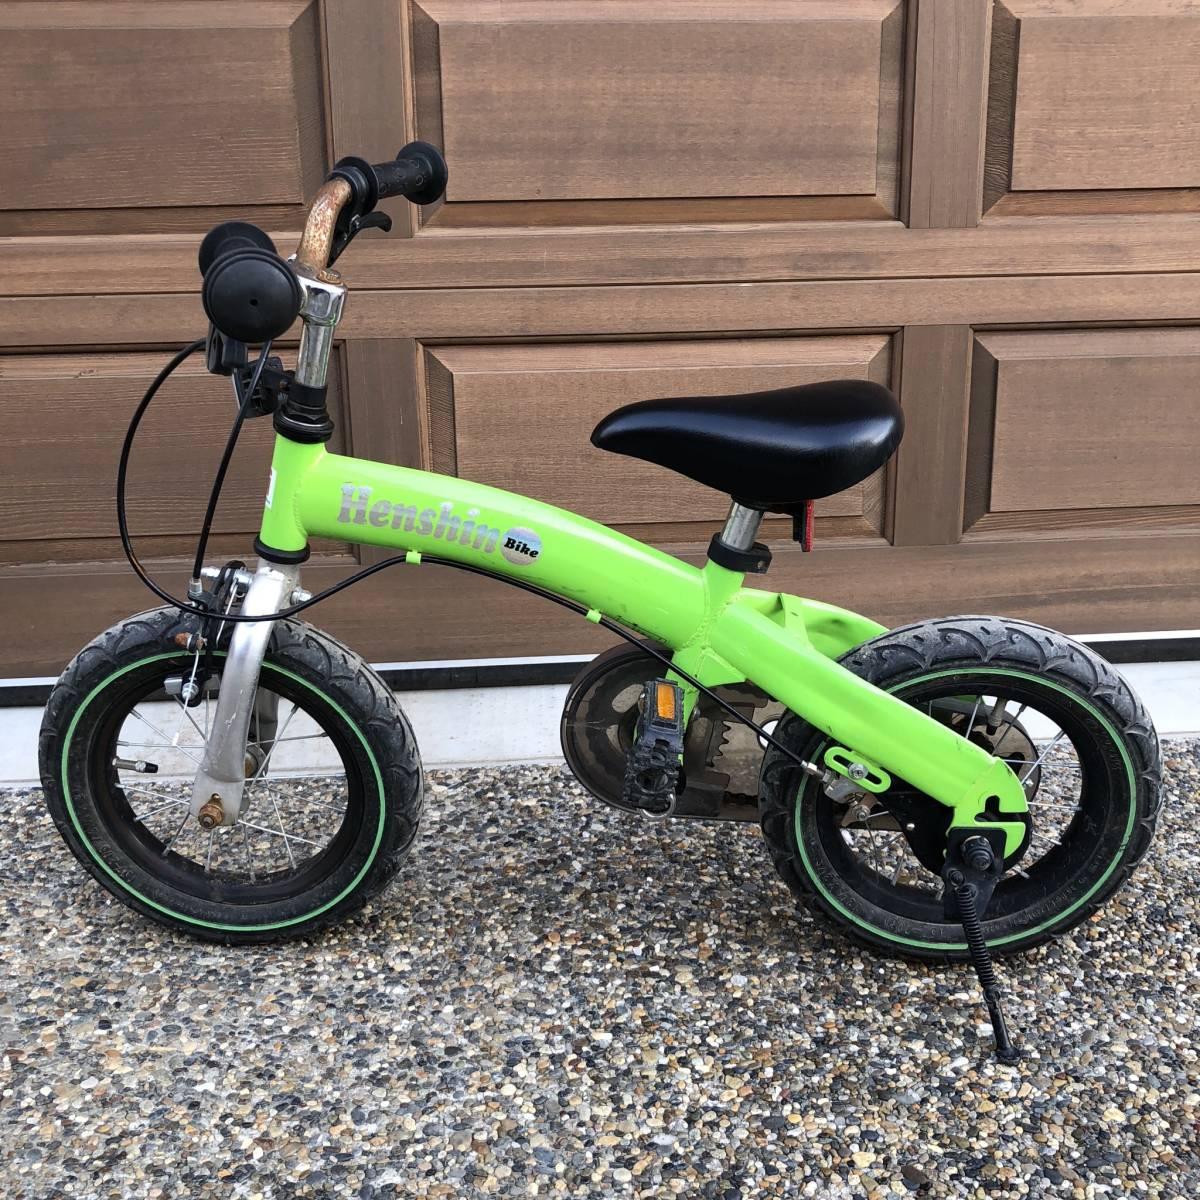 一台ニ役 へんしんバイク グリーン キックスクーター バランスバイク ストライダー好きな方必見